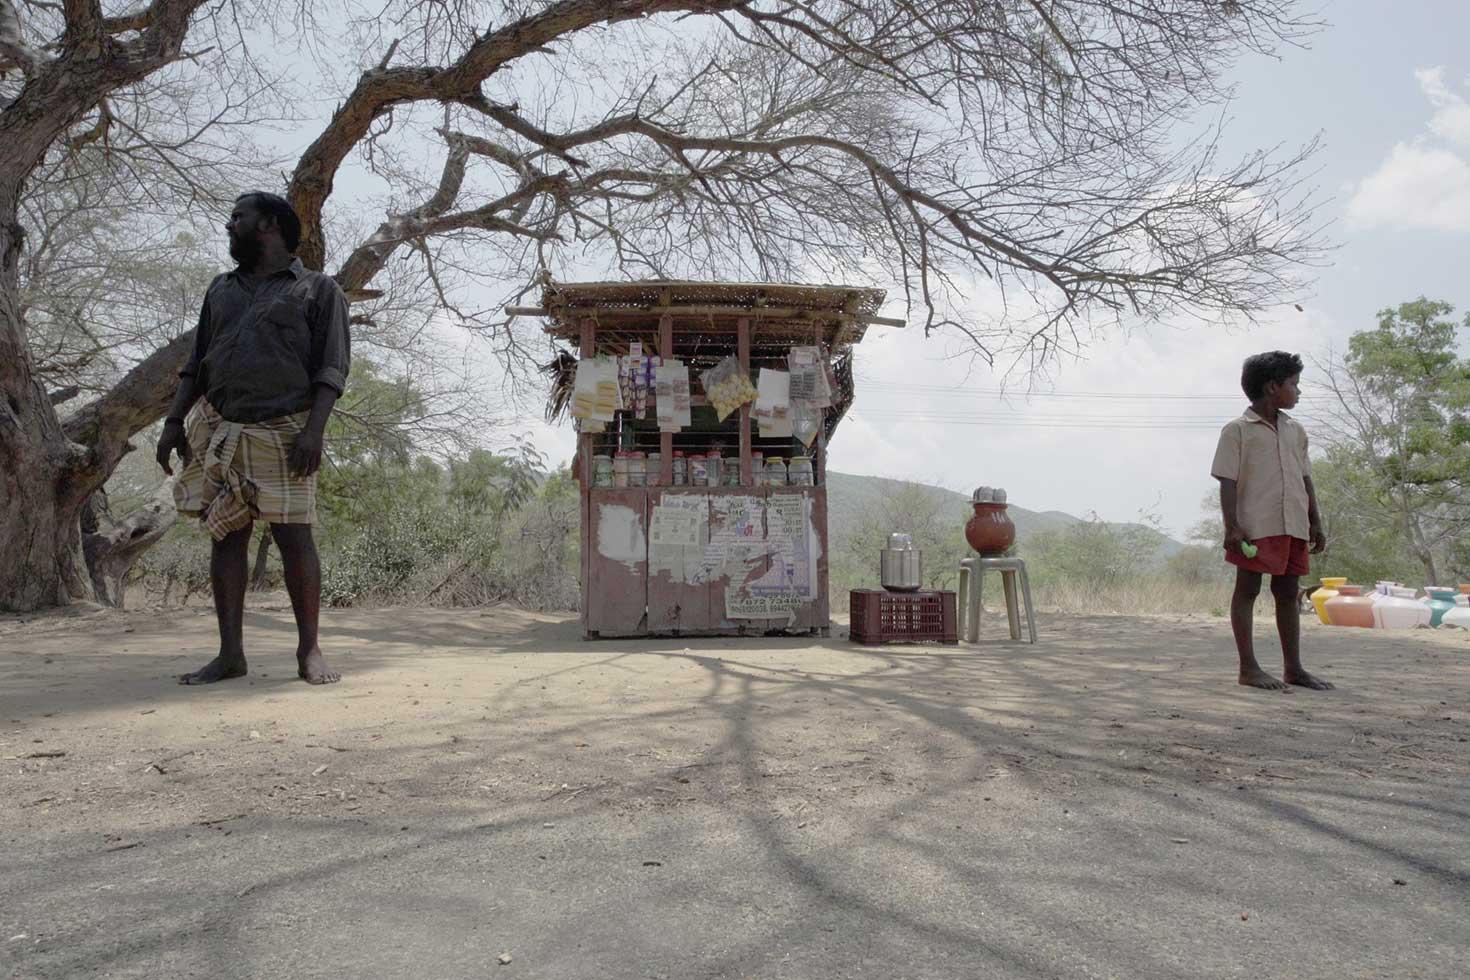 অস্কারে যাচ্ছে তামিল সিনেমা